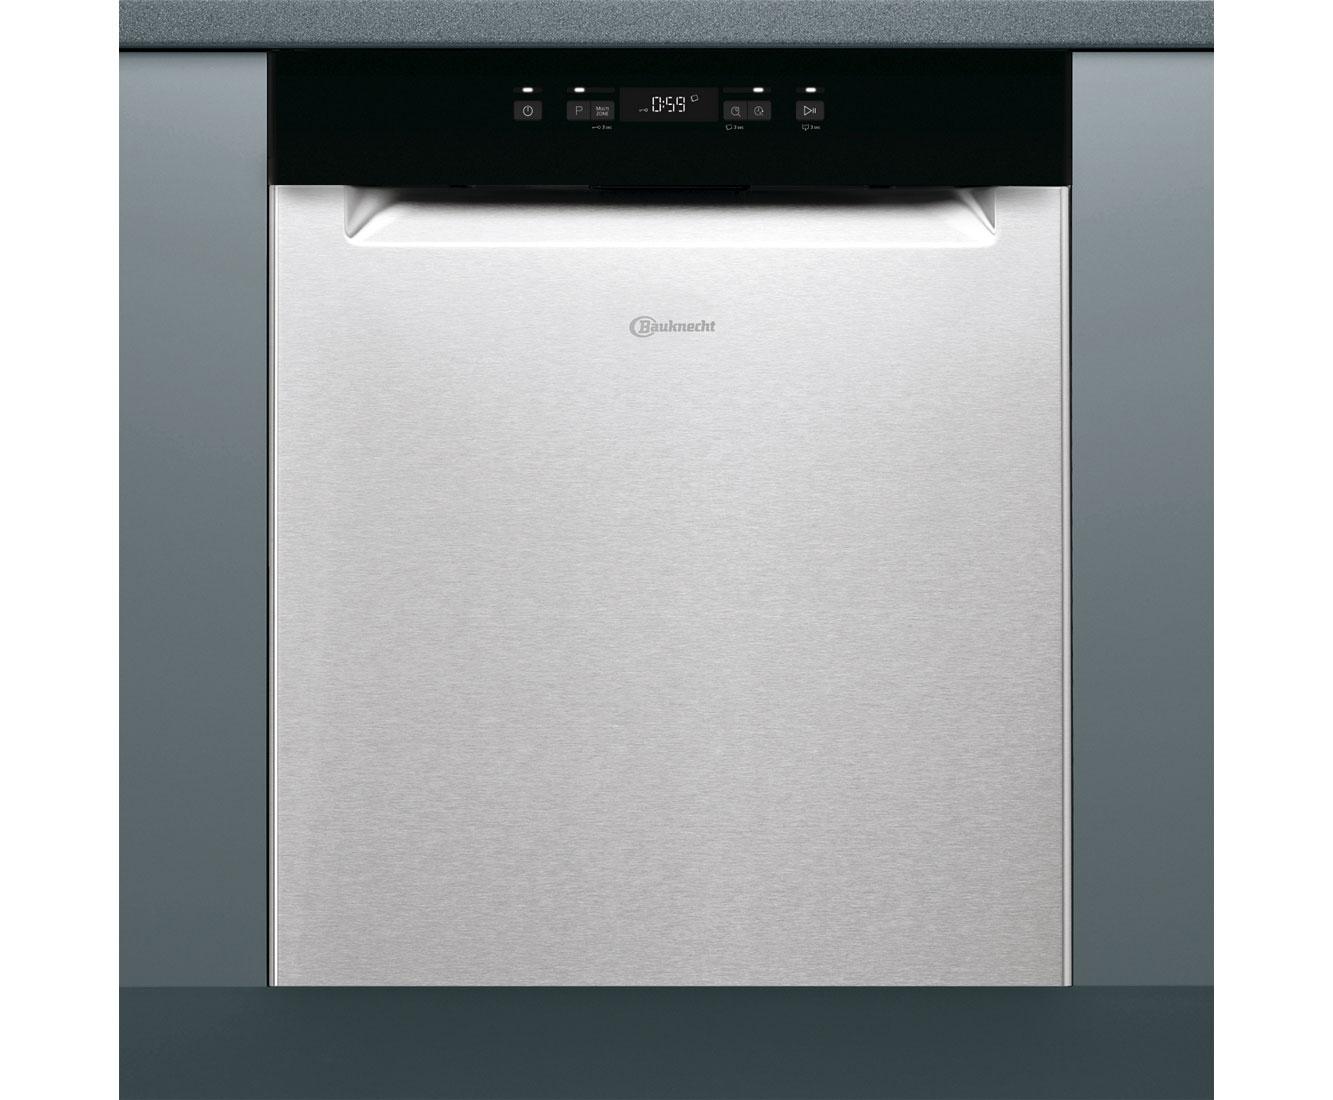 Bomann Kühlschrank Unterbaufähig : Unterbau kühlschrank integrierbar preisvergleich u2022 die besten